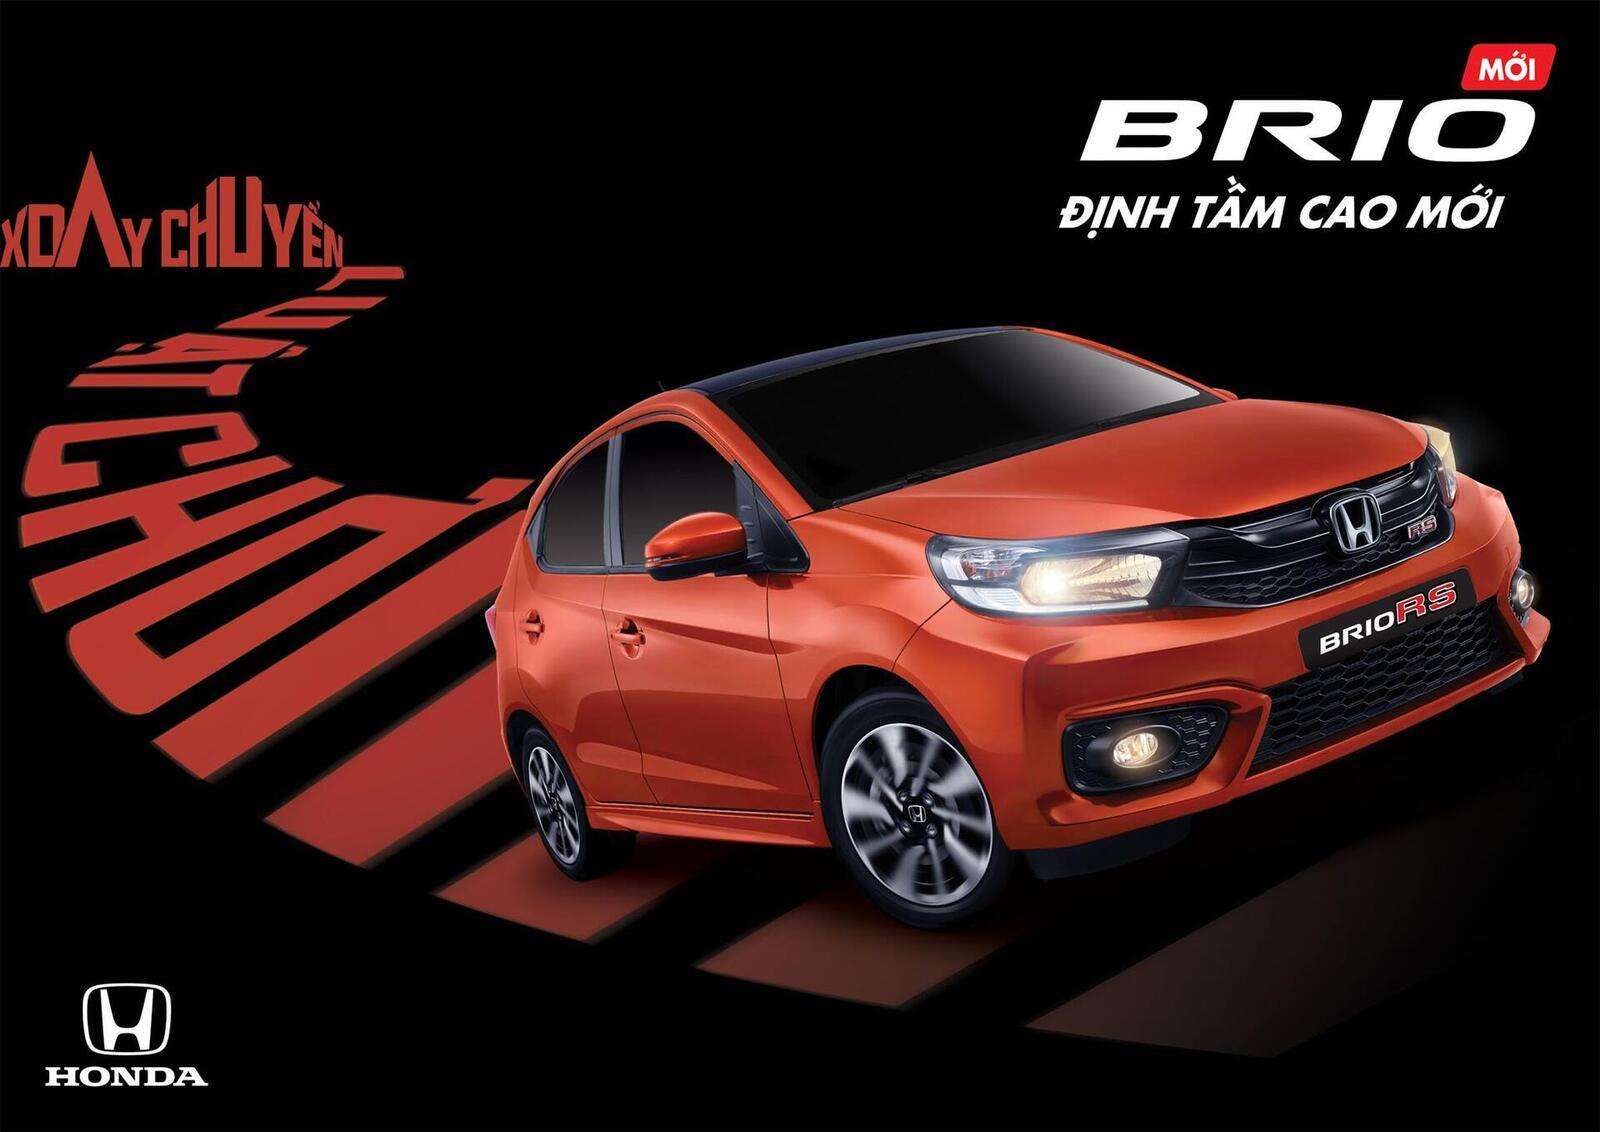 Dự đoán 3 phiên bản Honda Brio sắp ra mắt vào ngày 18.06 sắp tới - Hình 2